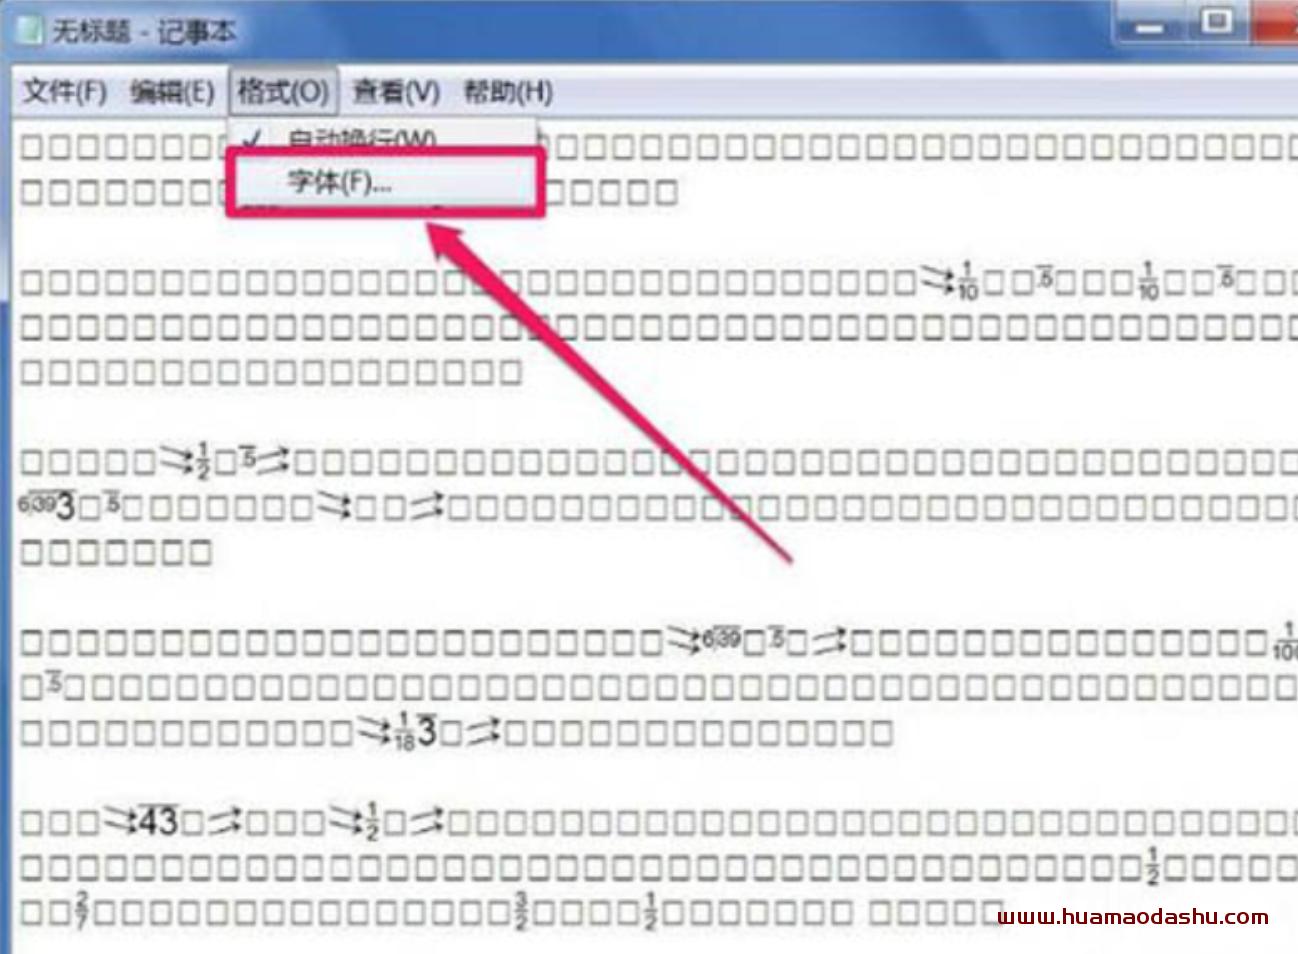 文本文档乱码解决办法(非常实用)